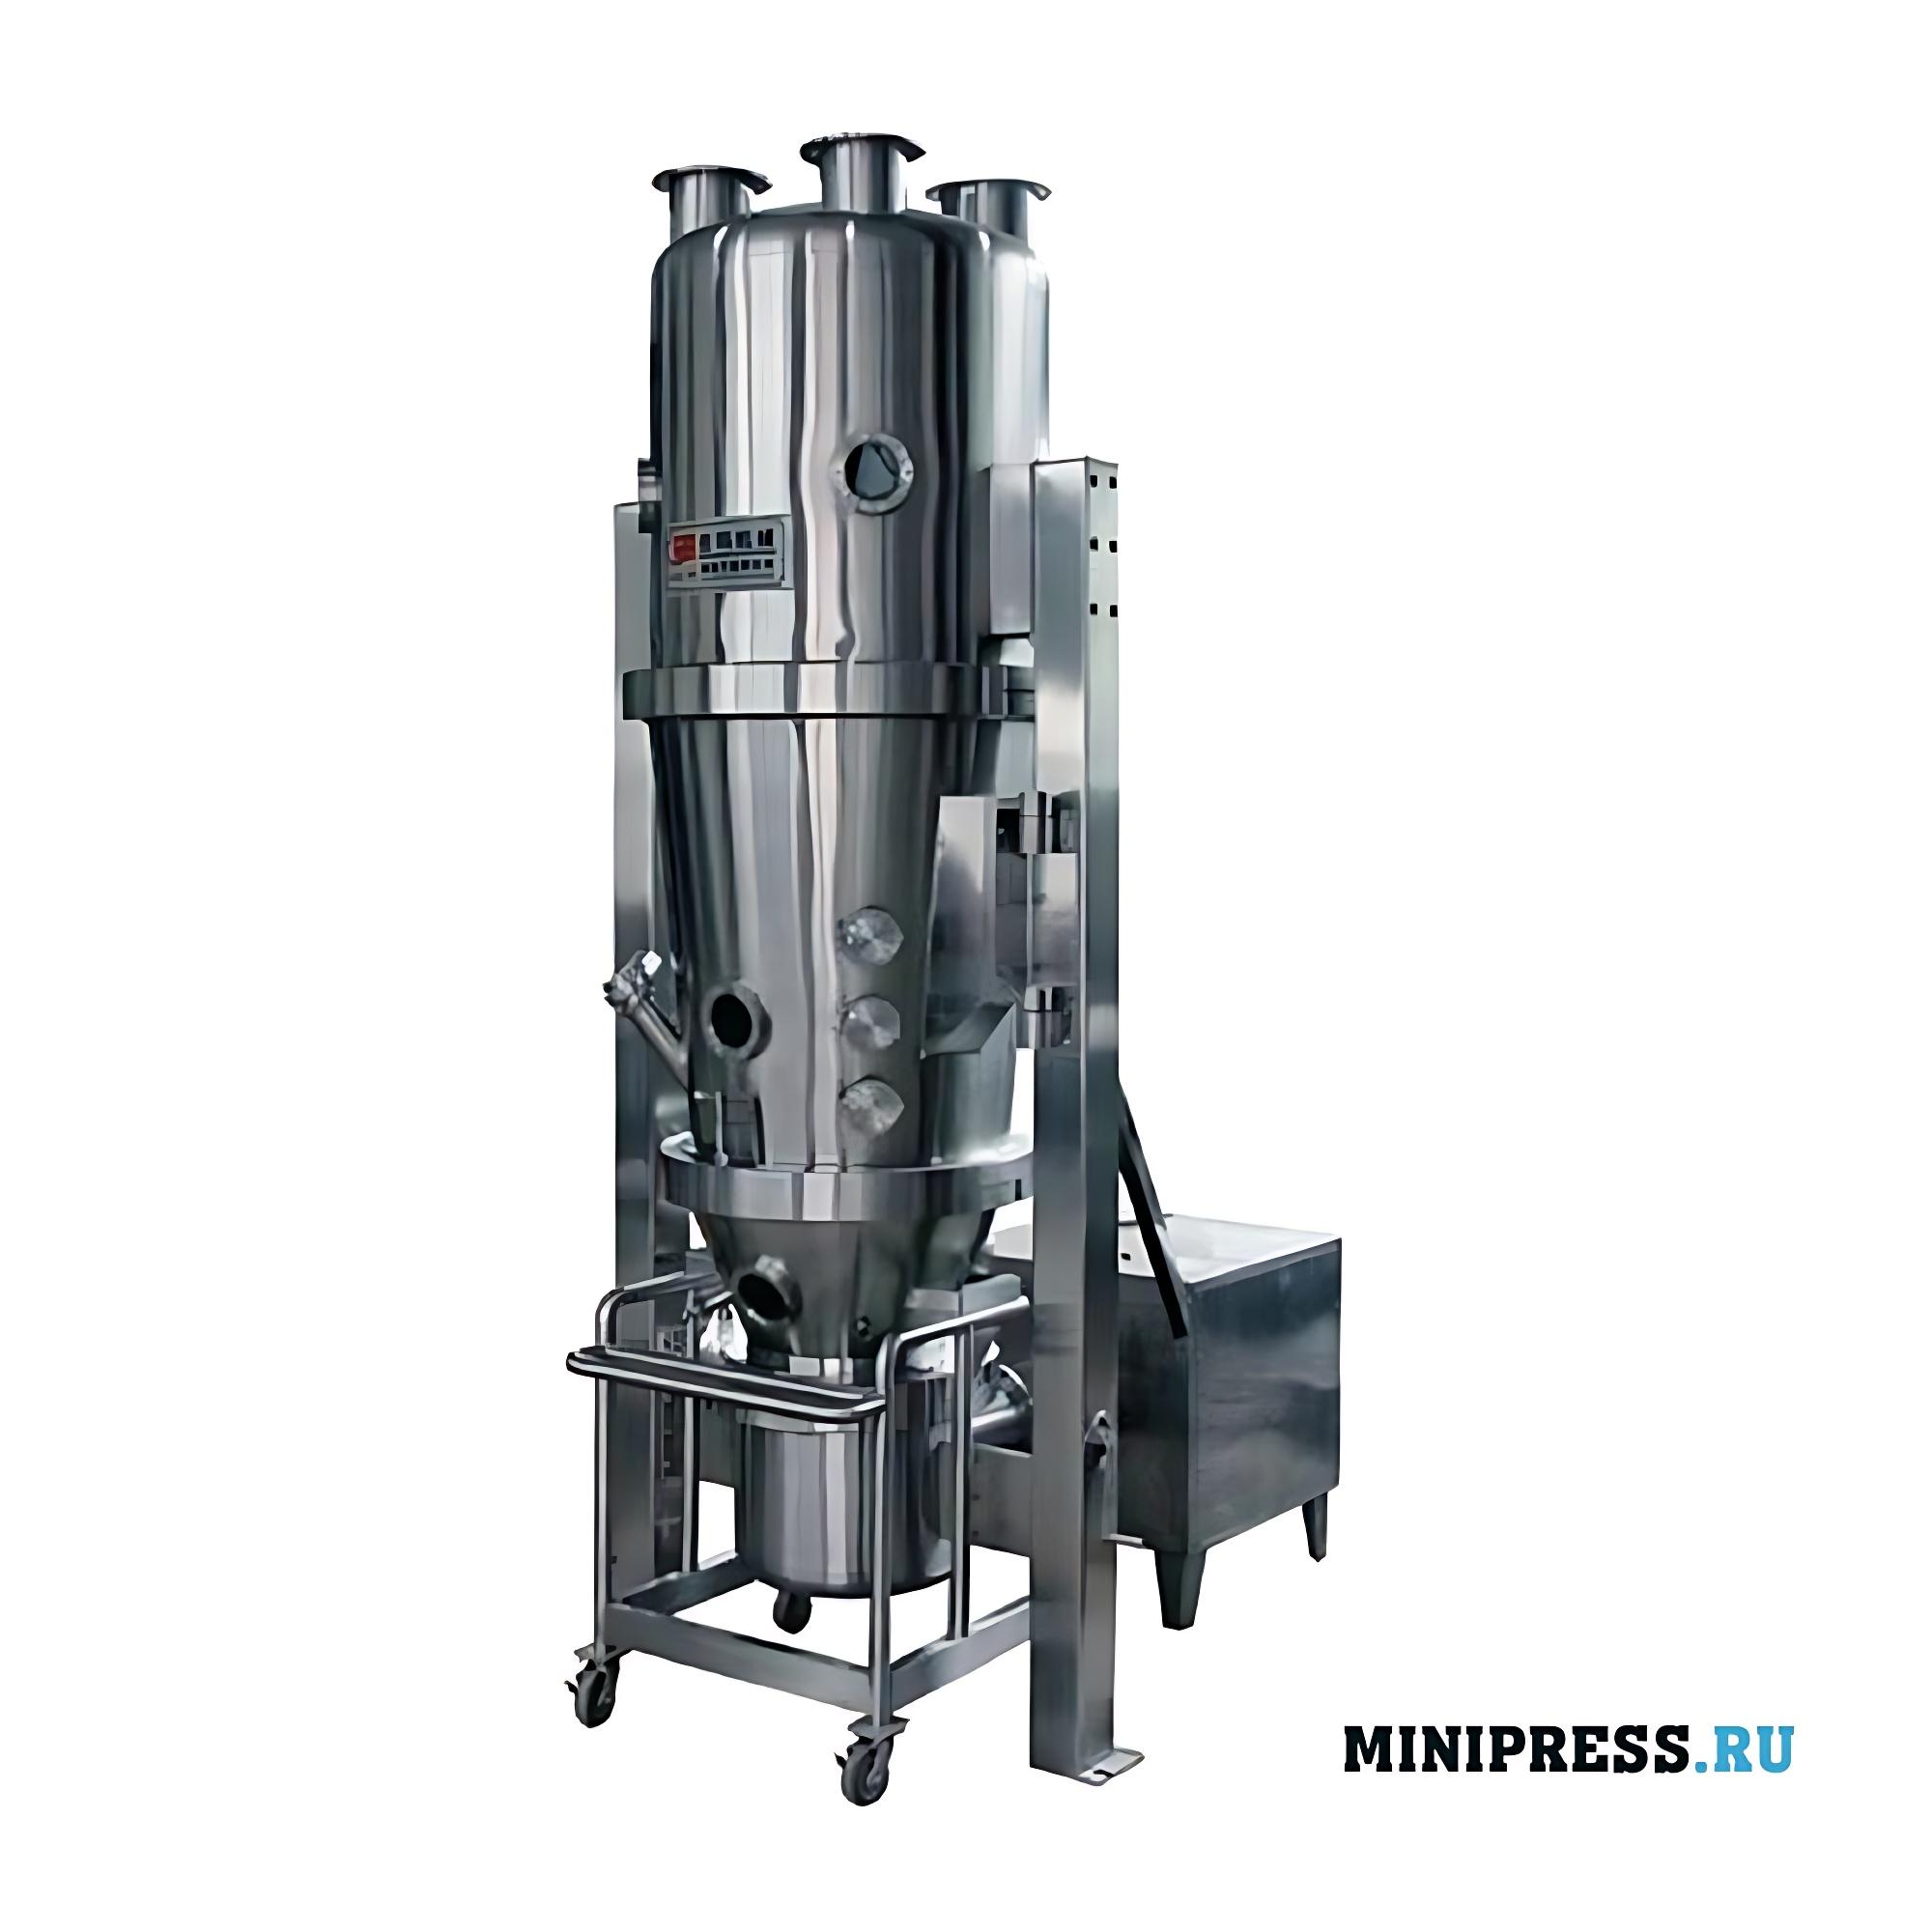 Высокоэффективный гранулятор для сухого гранулирования